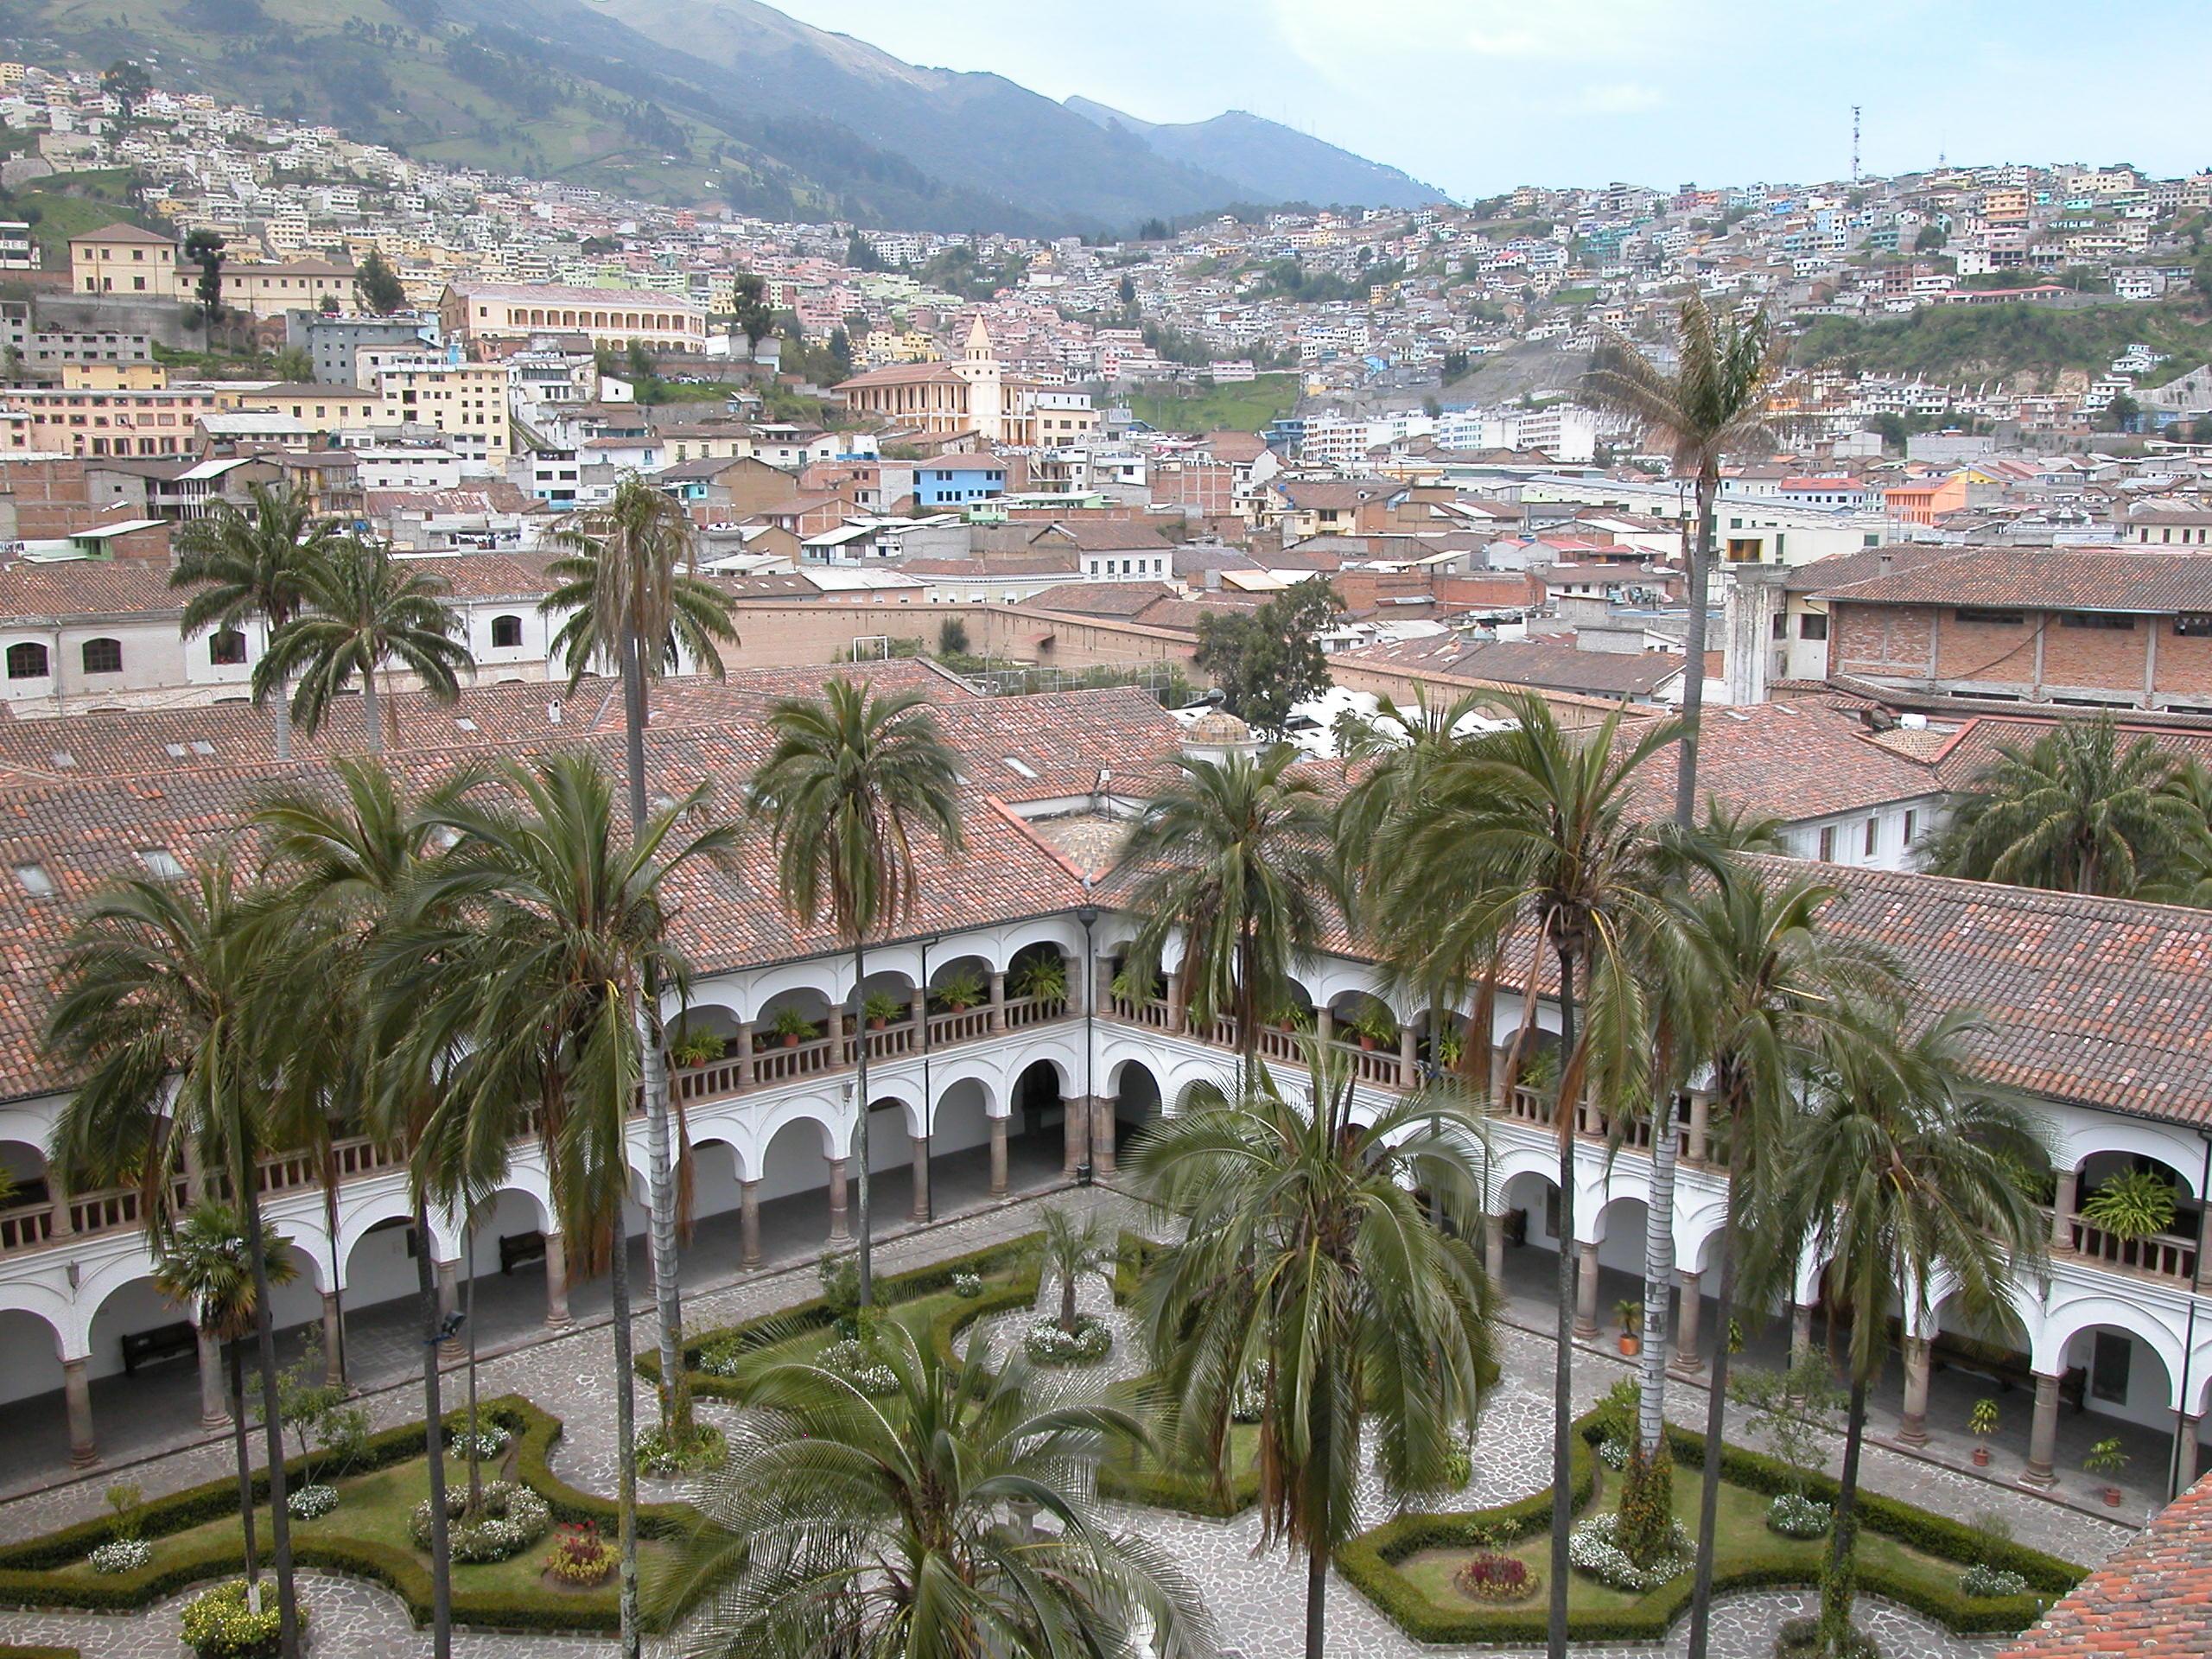 Convento de San Francisco in Quito